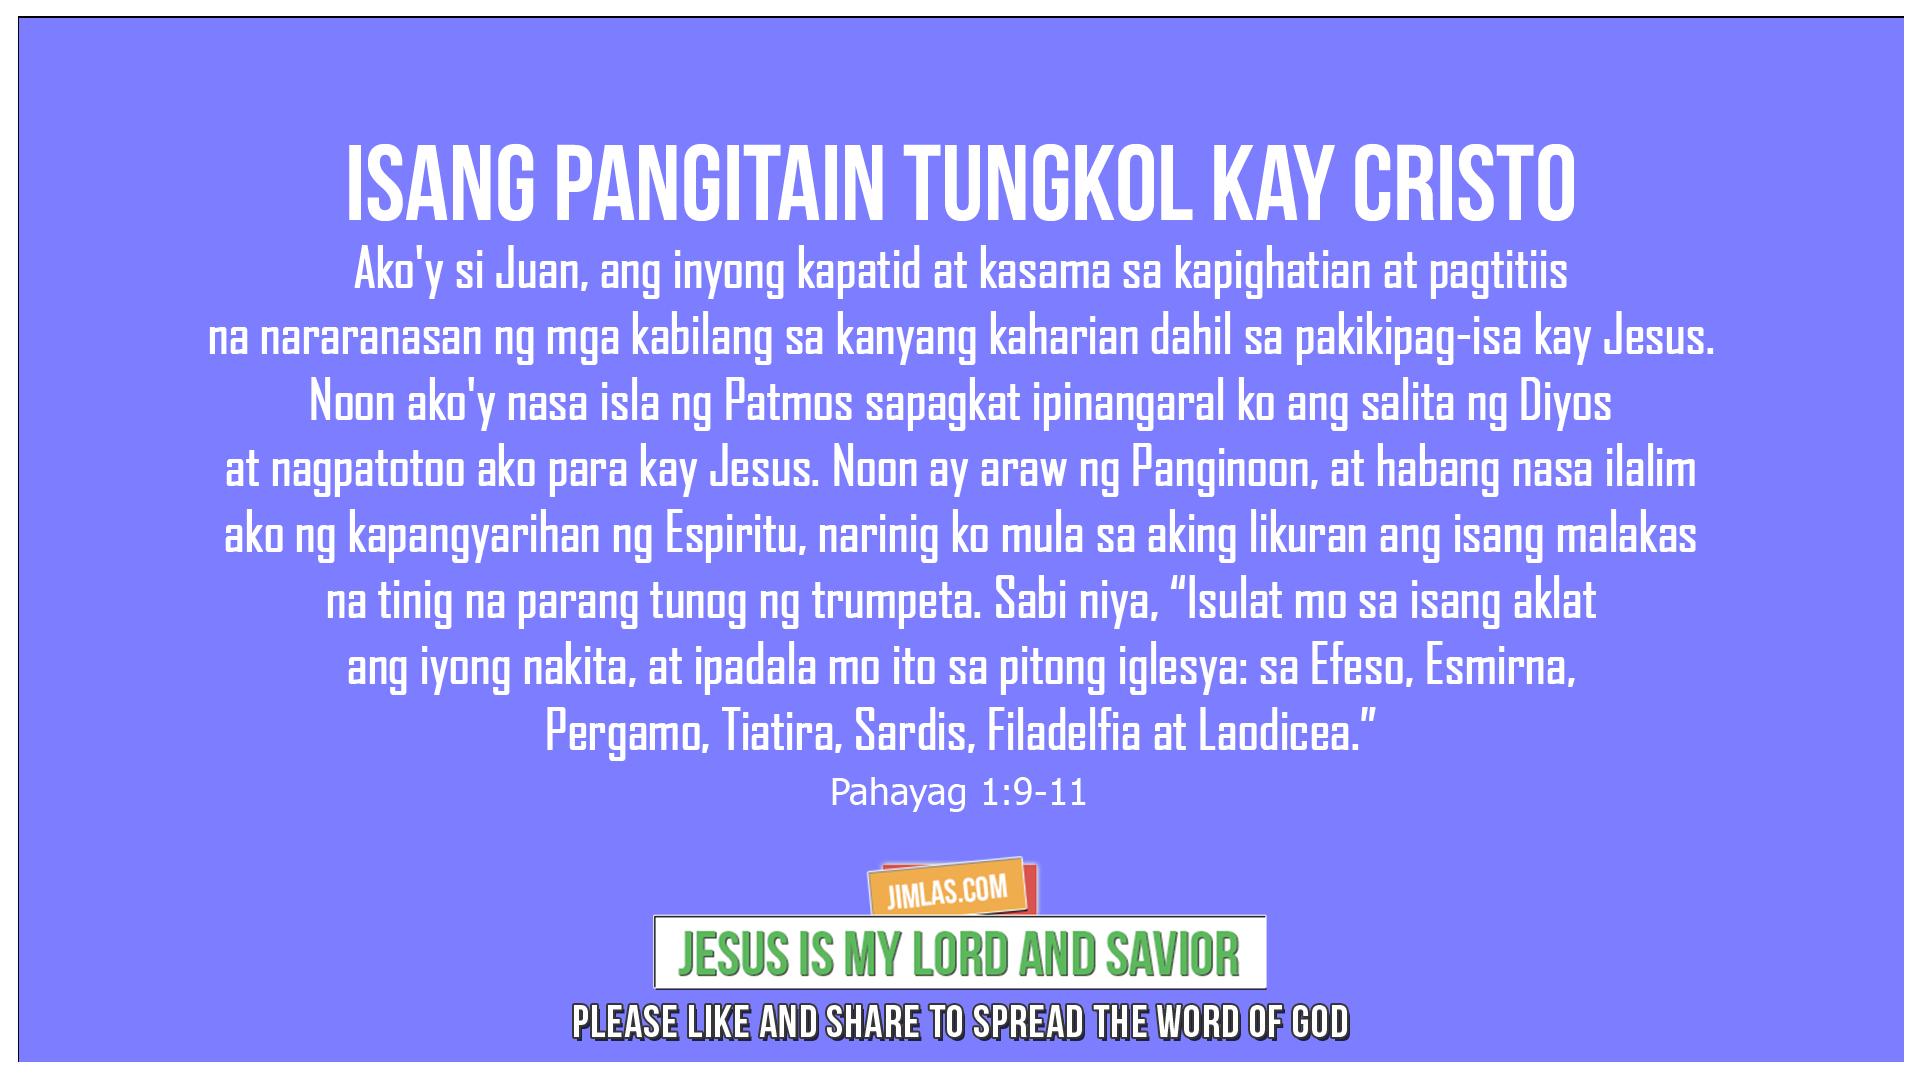 Pahayag 1:9-11, Pahayag 1:9-11